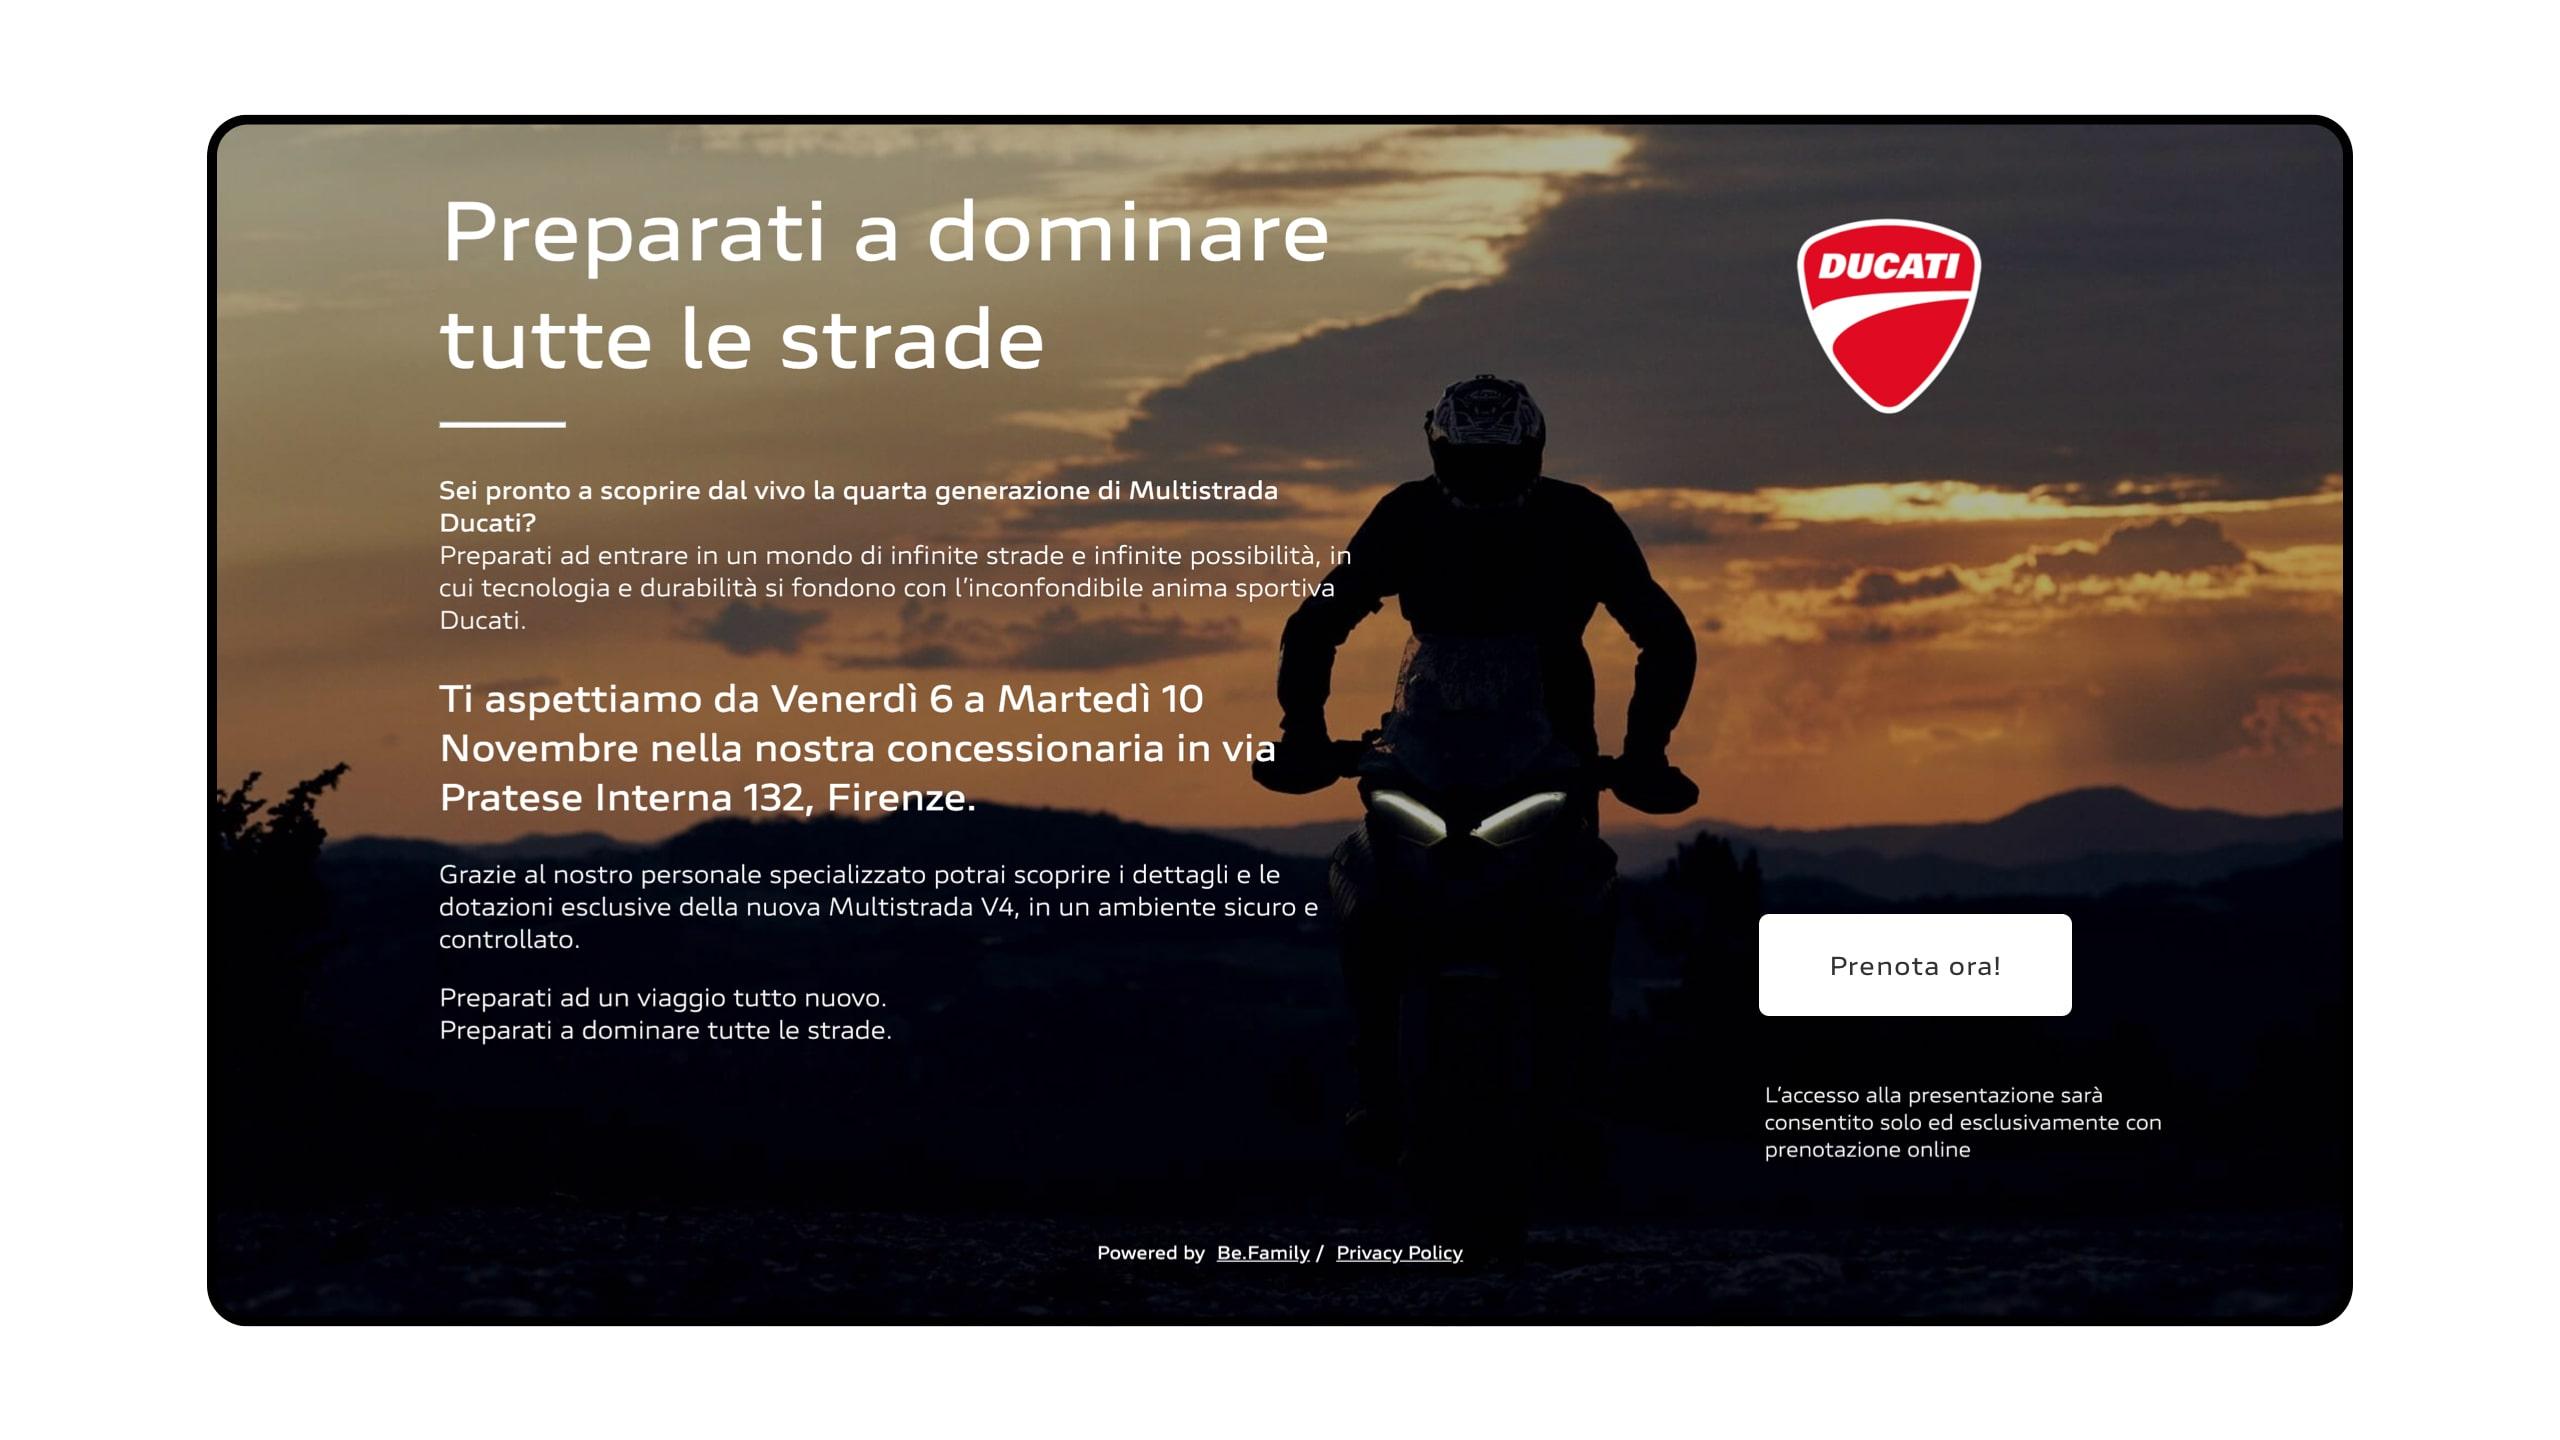 Eventi Ducati Homepage